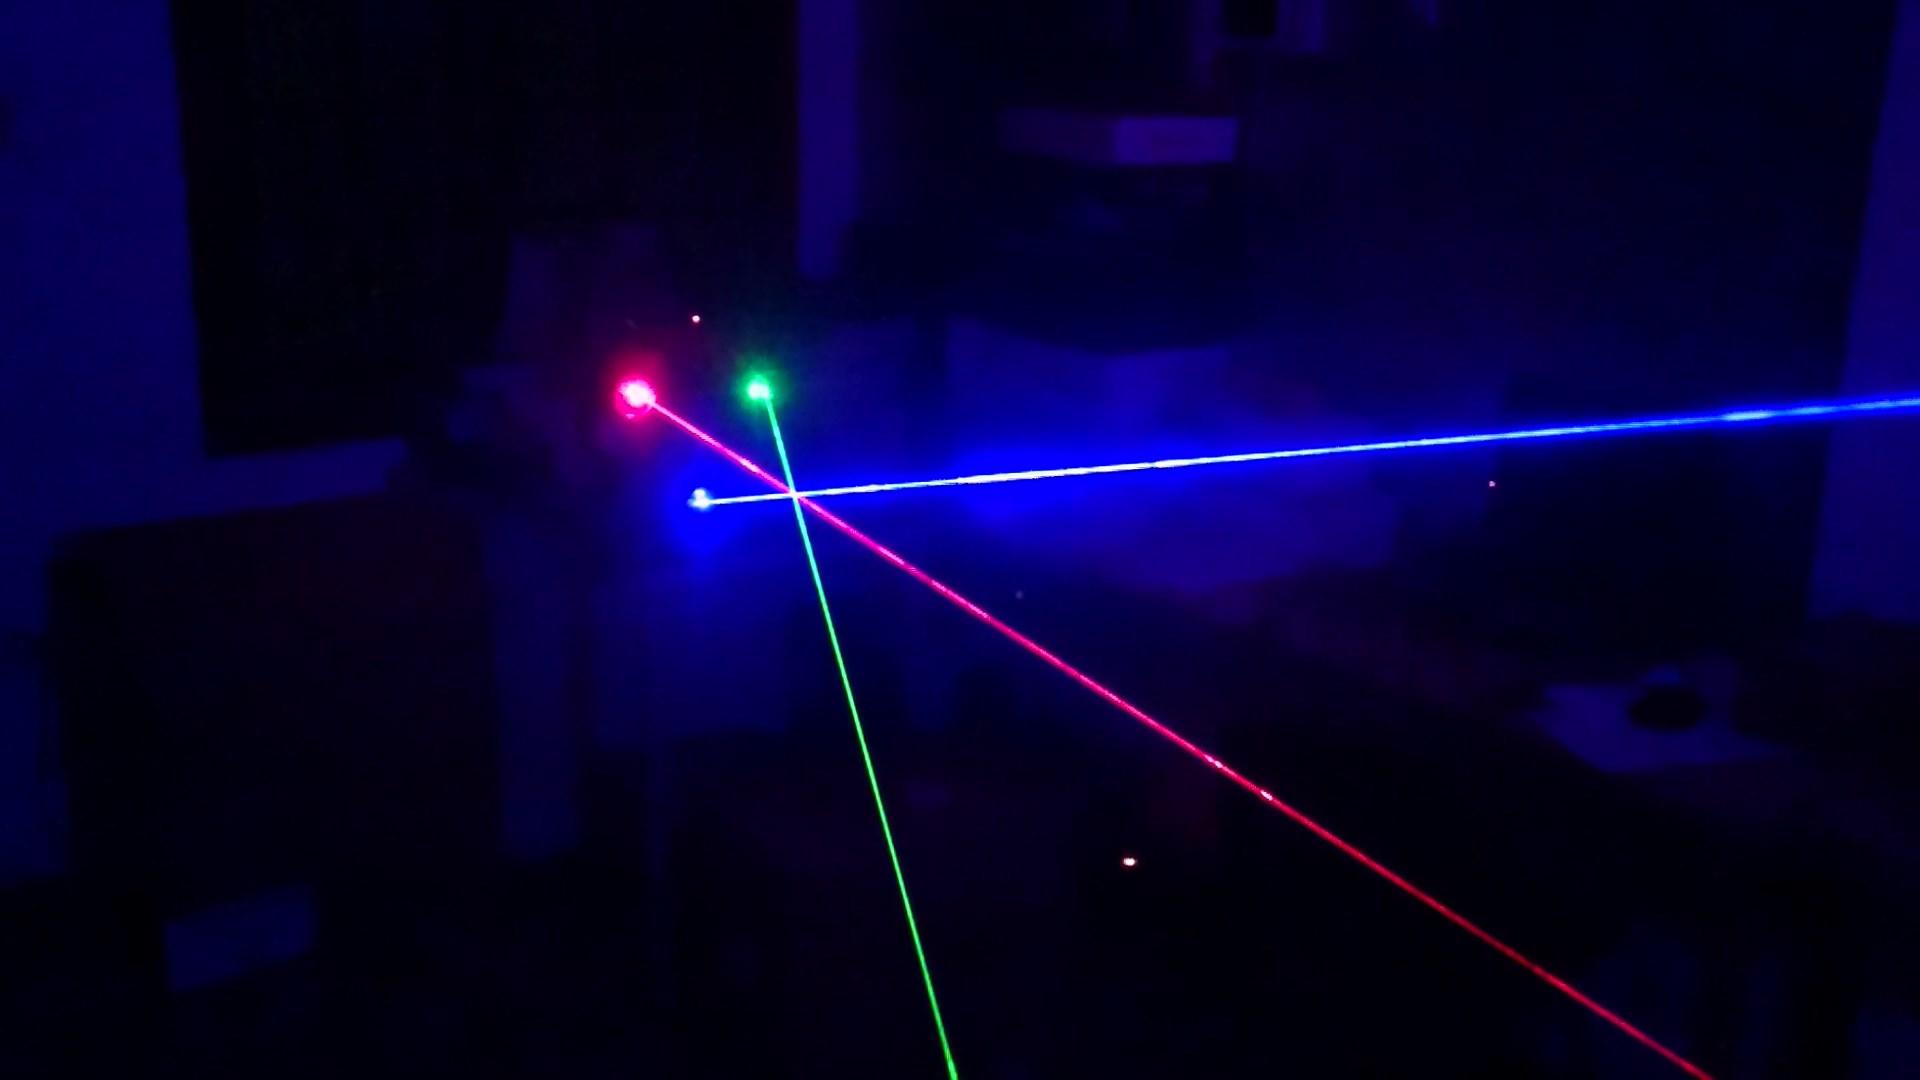 Tia sáng đan xen của Đèn laser trung tâm 3 cửa 3 màu RGB